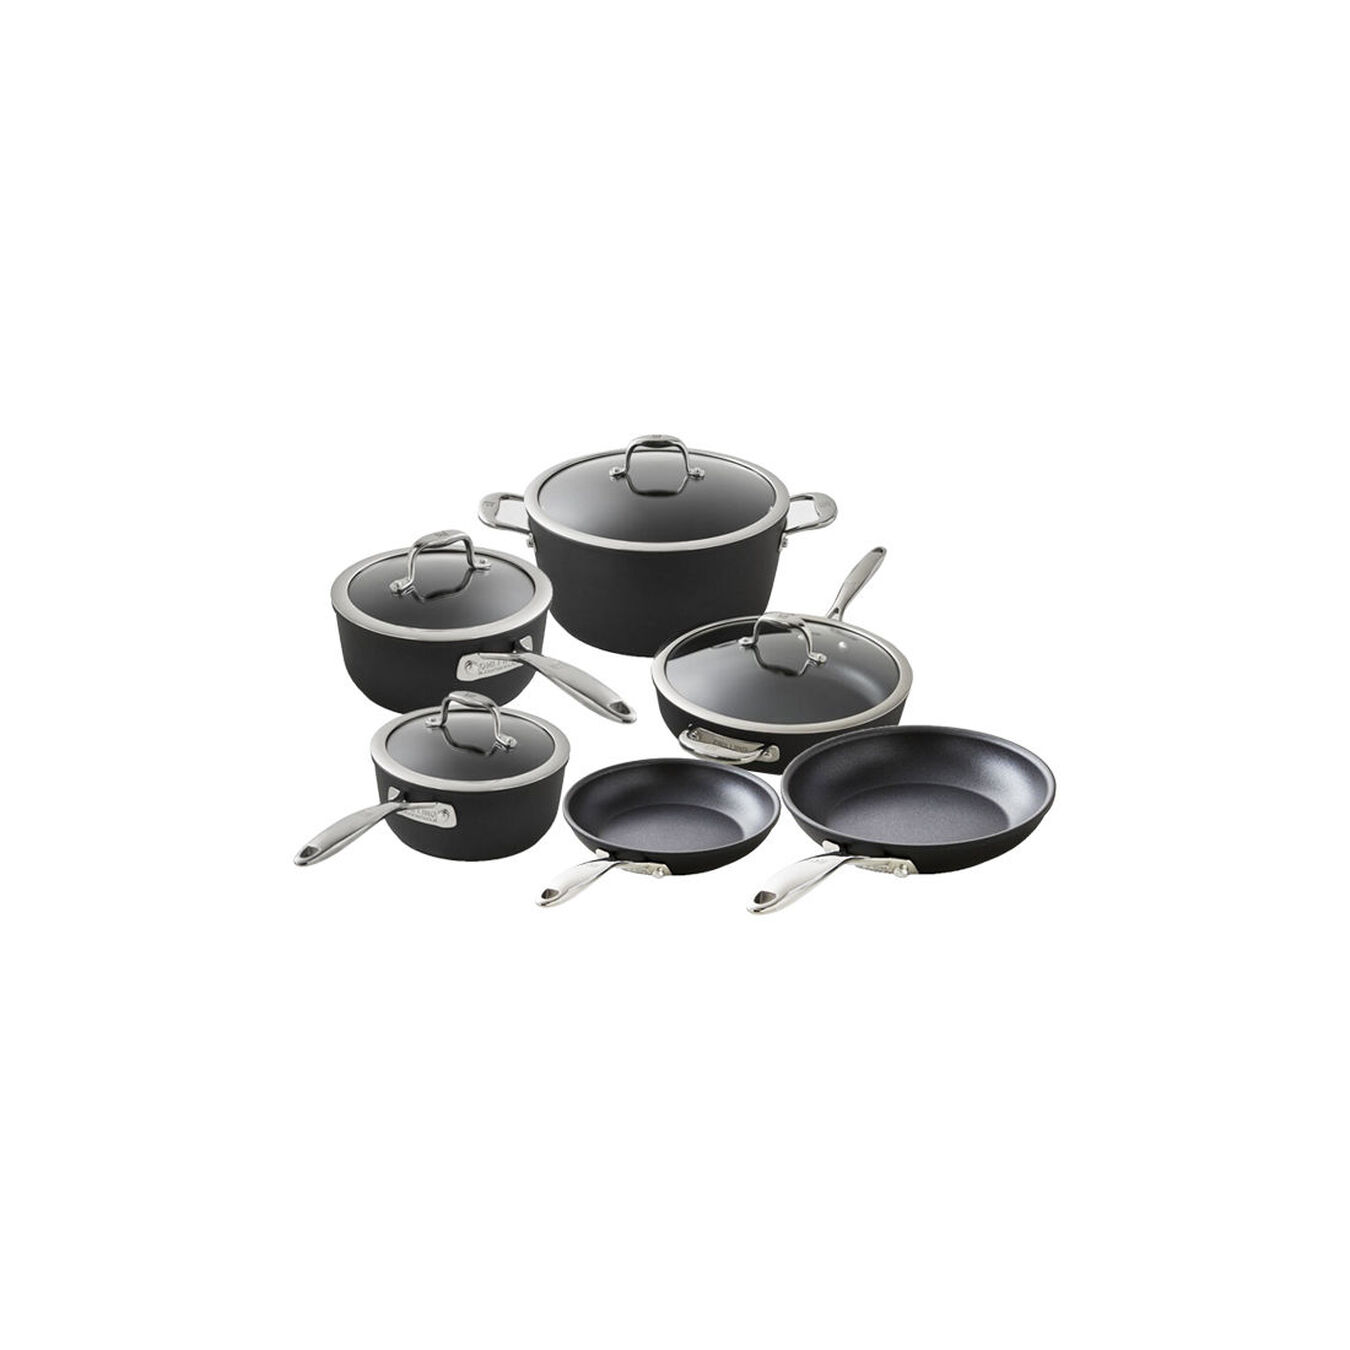 10 Piece Aluminium Cookware set,,large 1